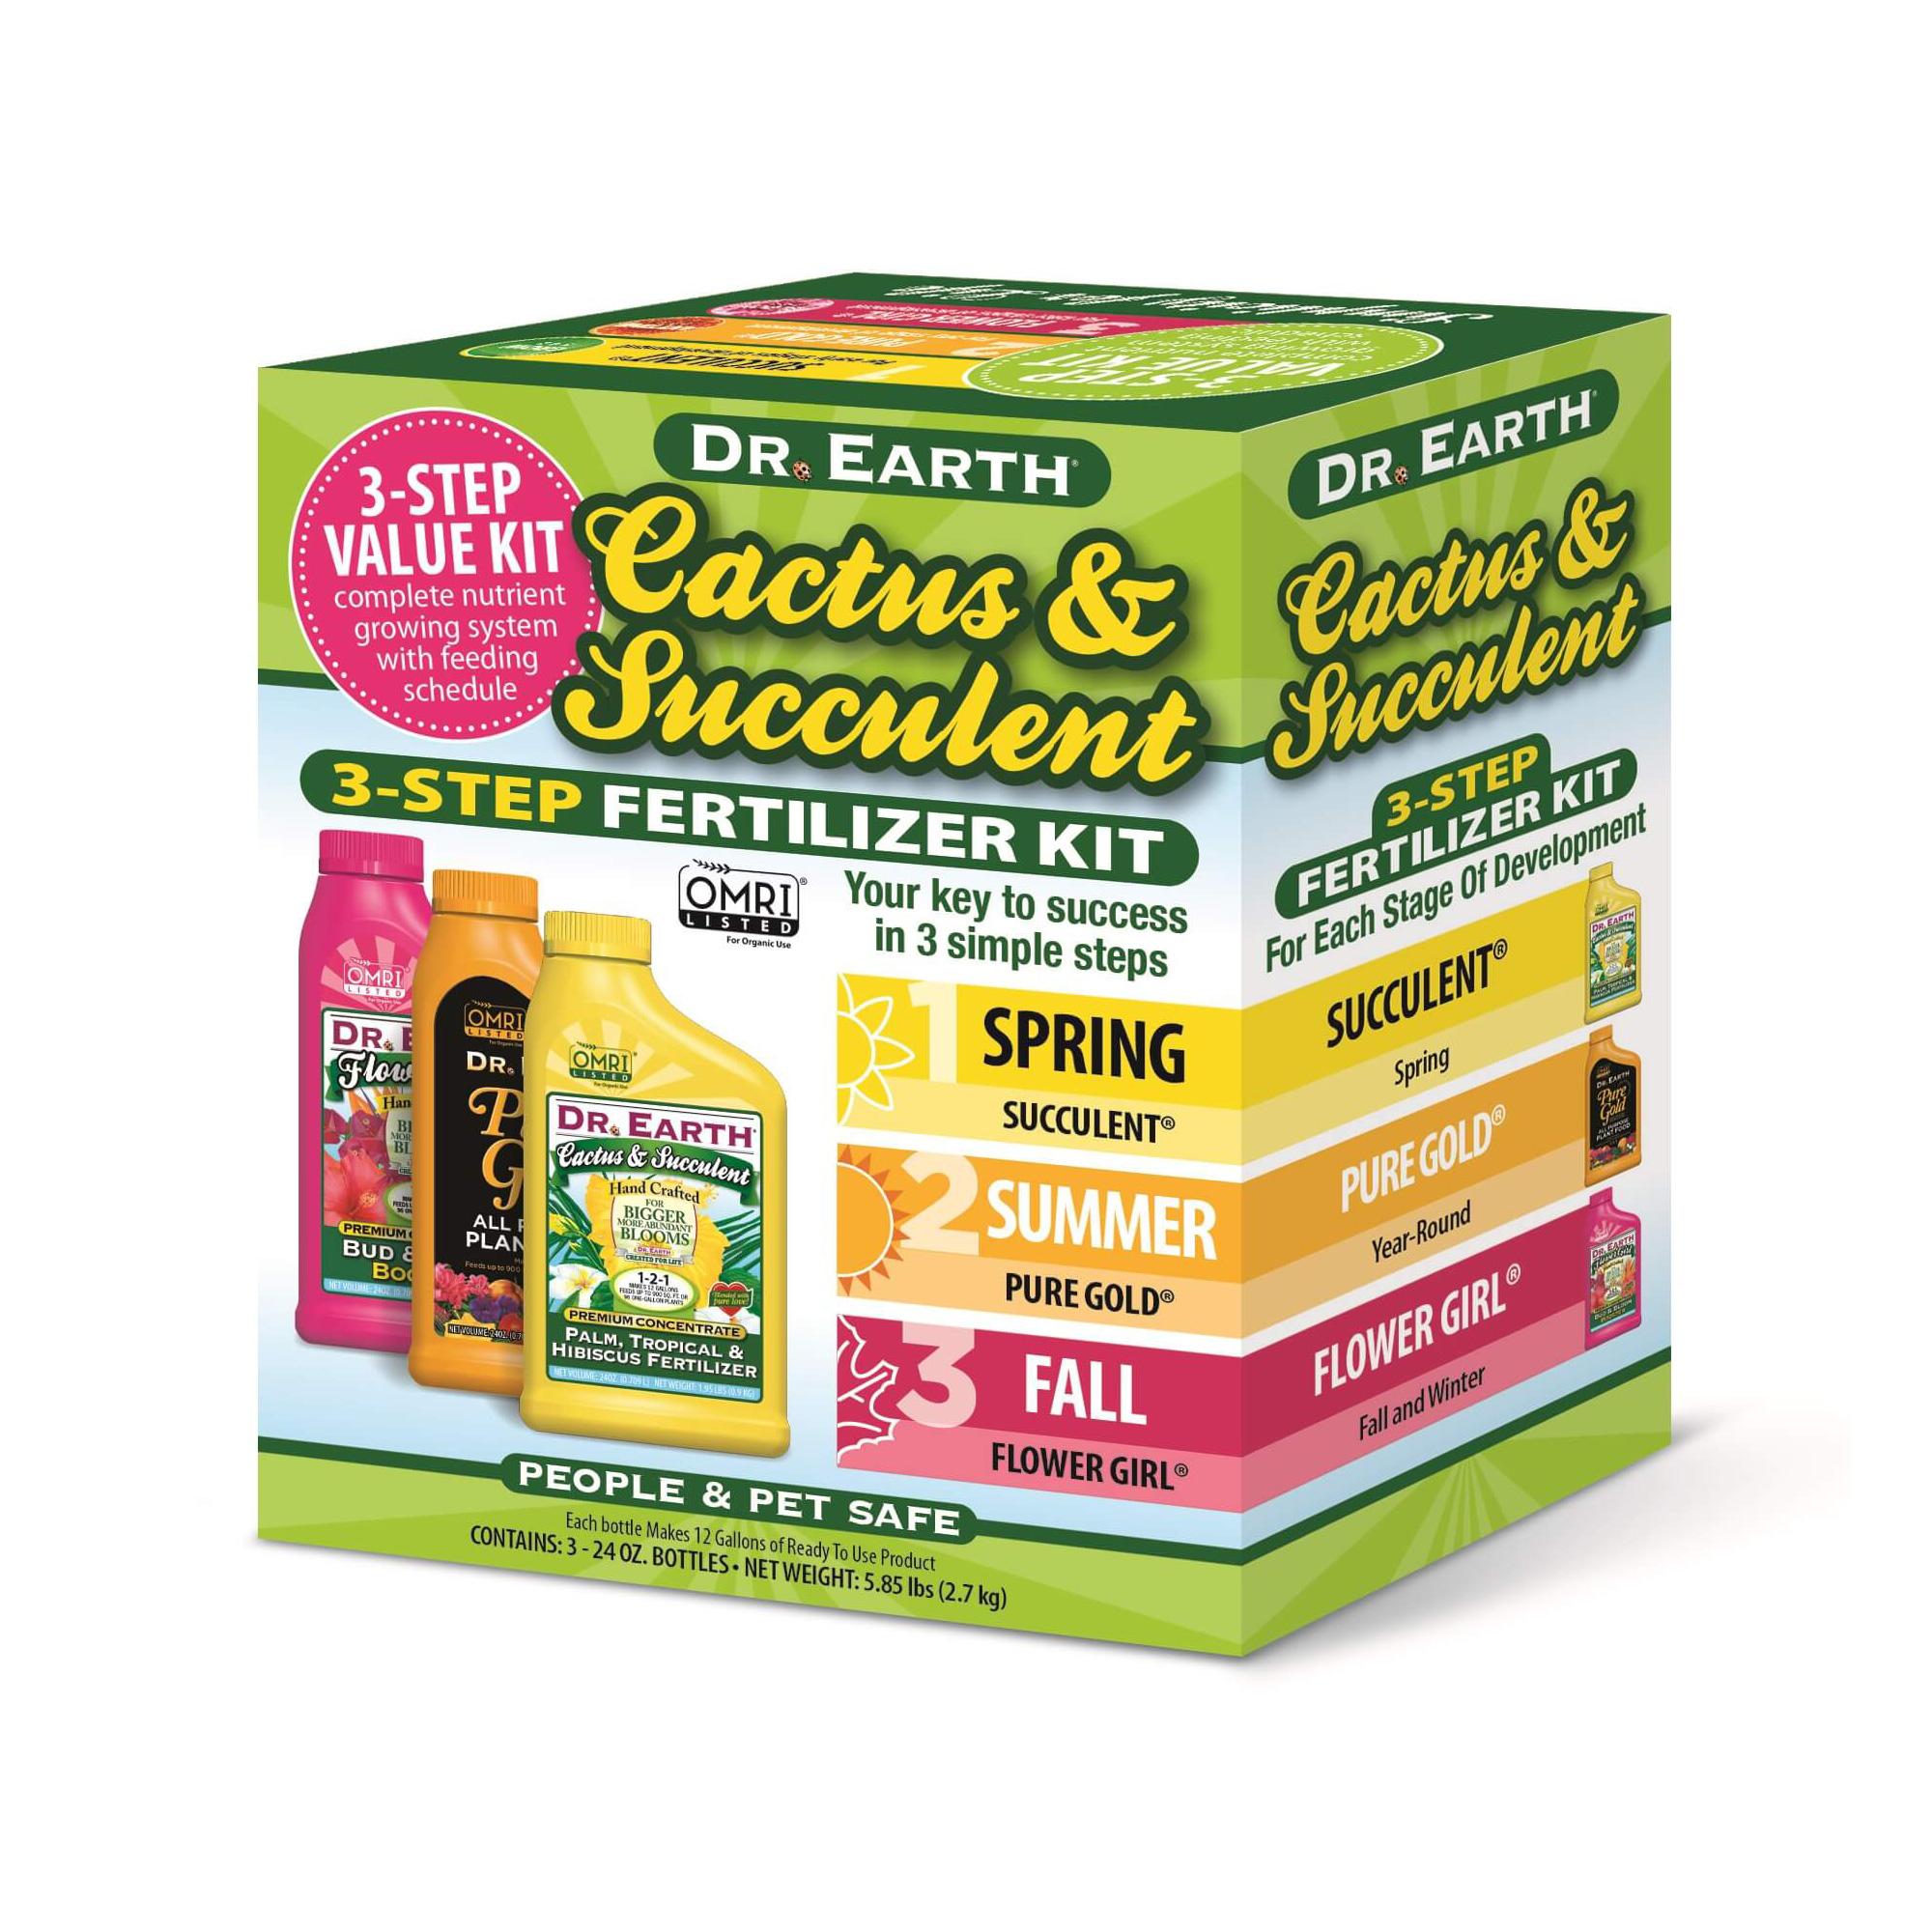 Cactus Succulent 3 Step Fertilizer Kit Dr Earth